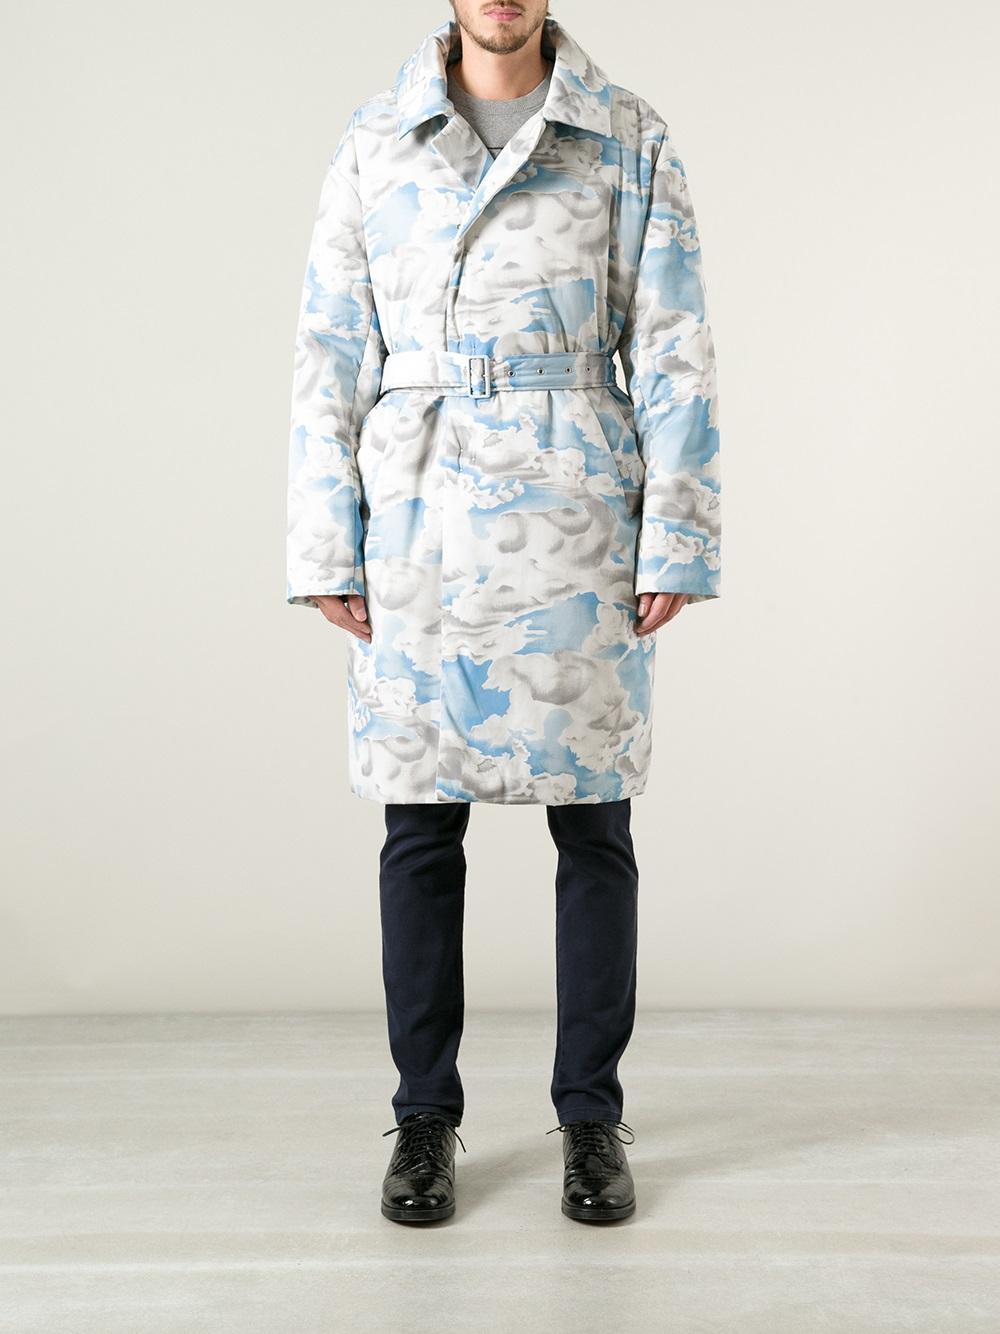 Kenzo Cloud Coat belted menswear fashion lookbook